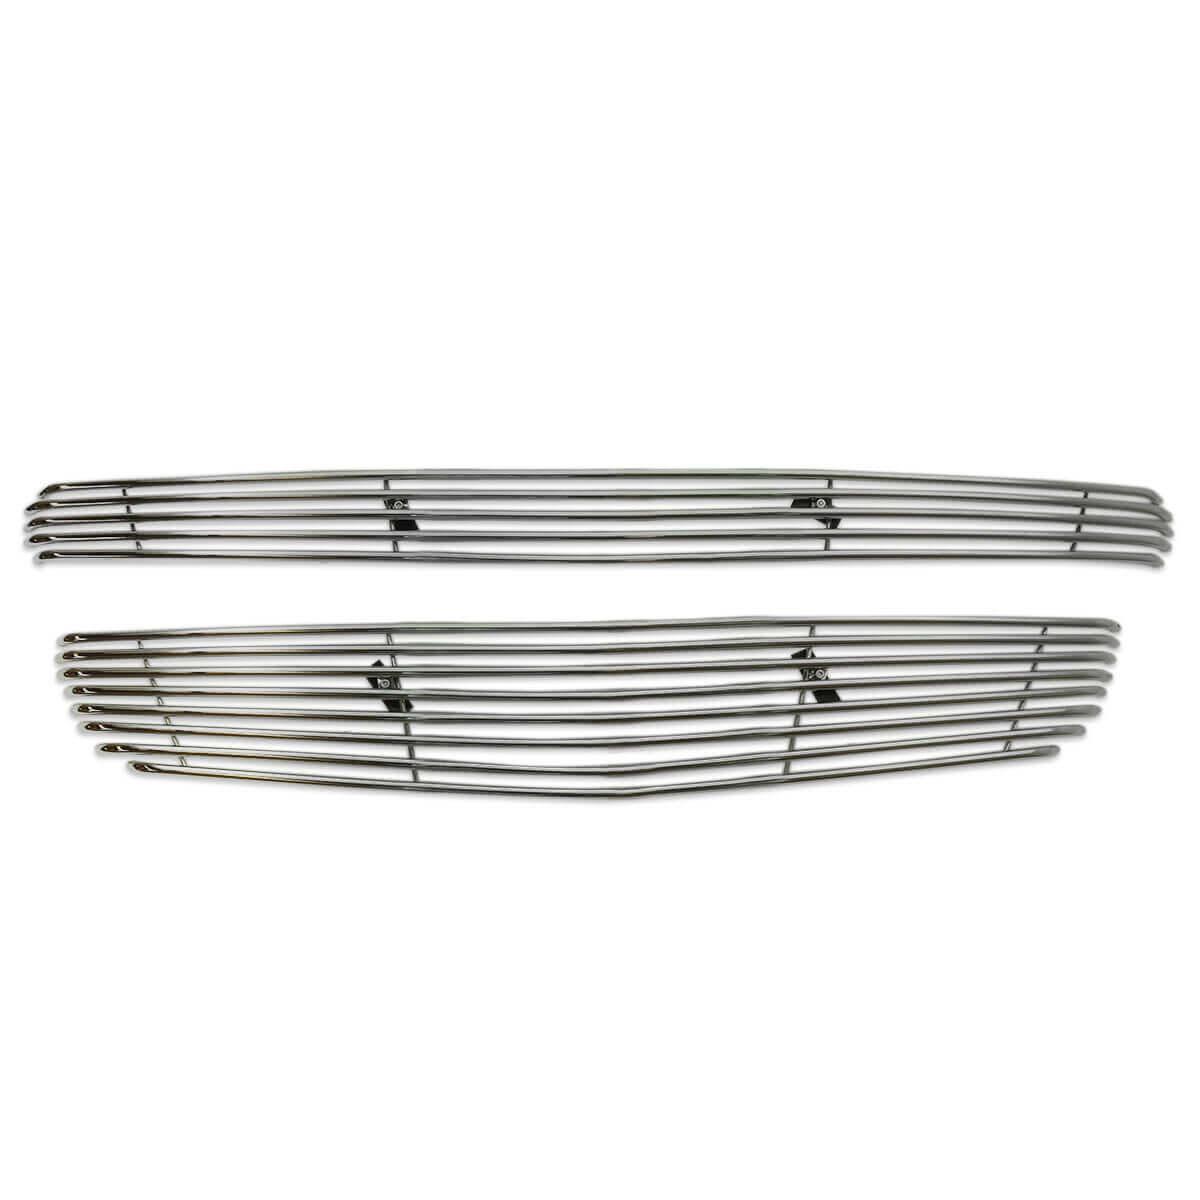 Sobre grade filetada em aço inox S10 2012 a 2016 - kit 2 peças